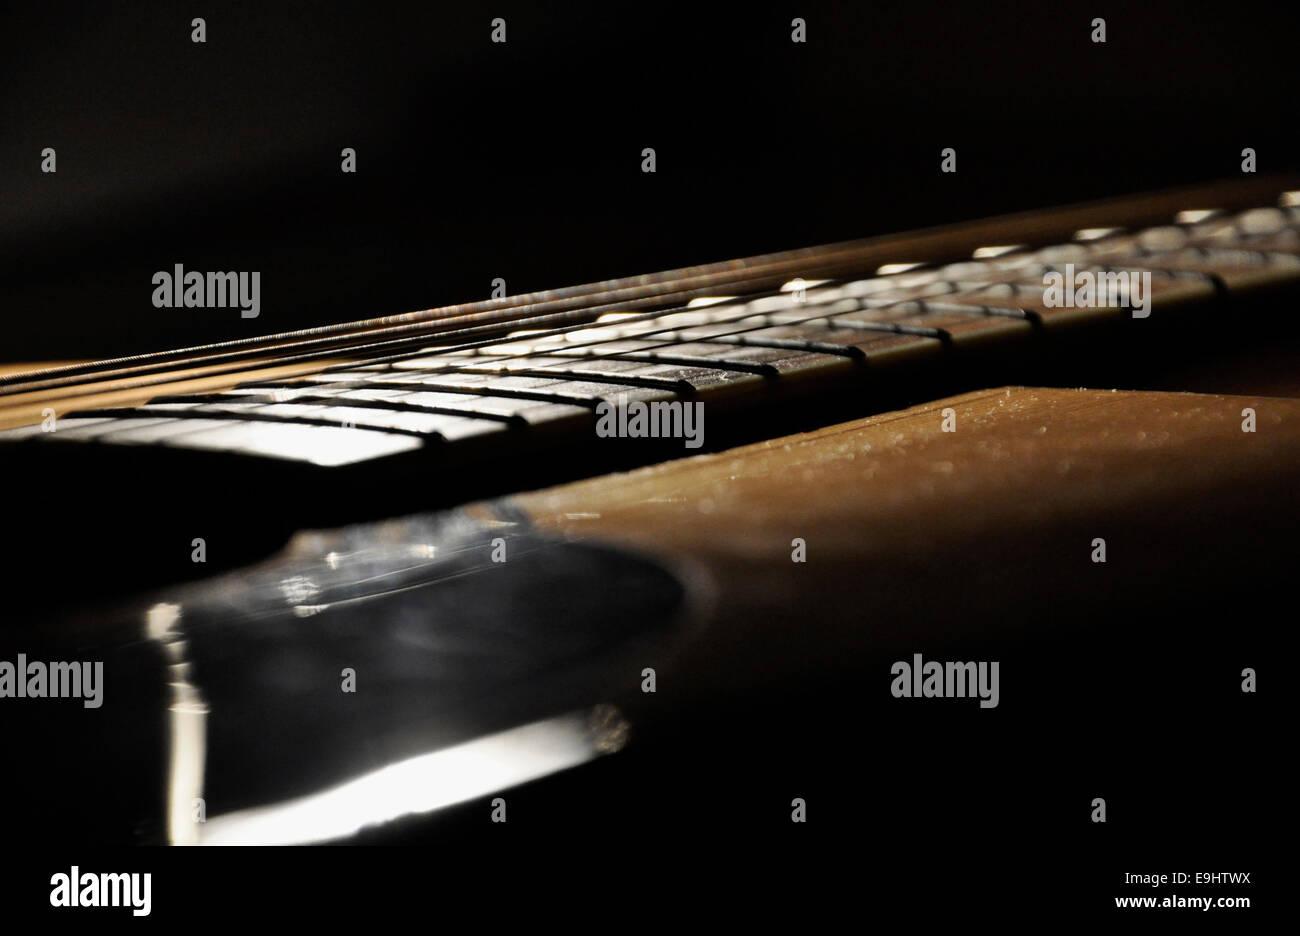 Guitar Close-Up - Stock Image